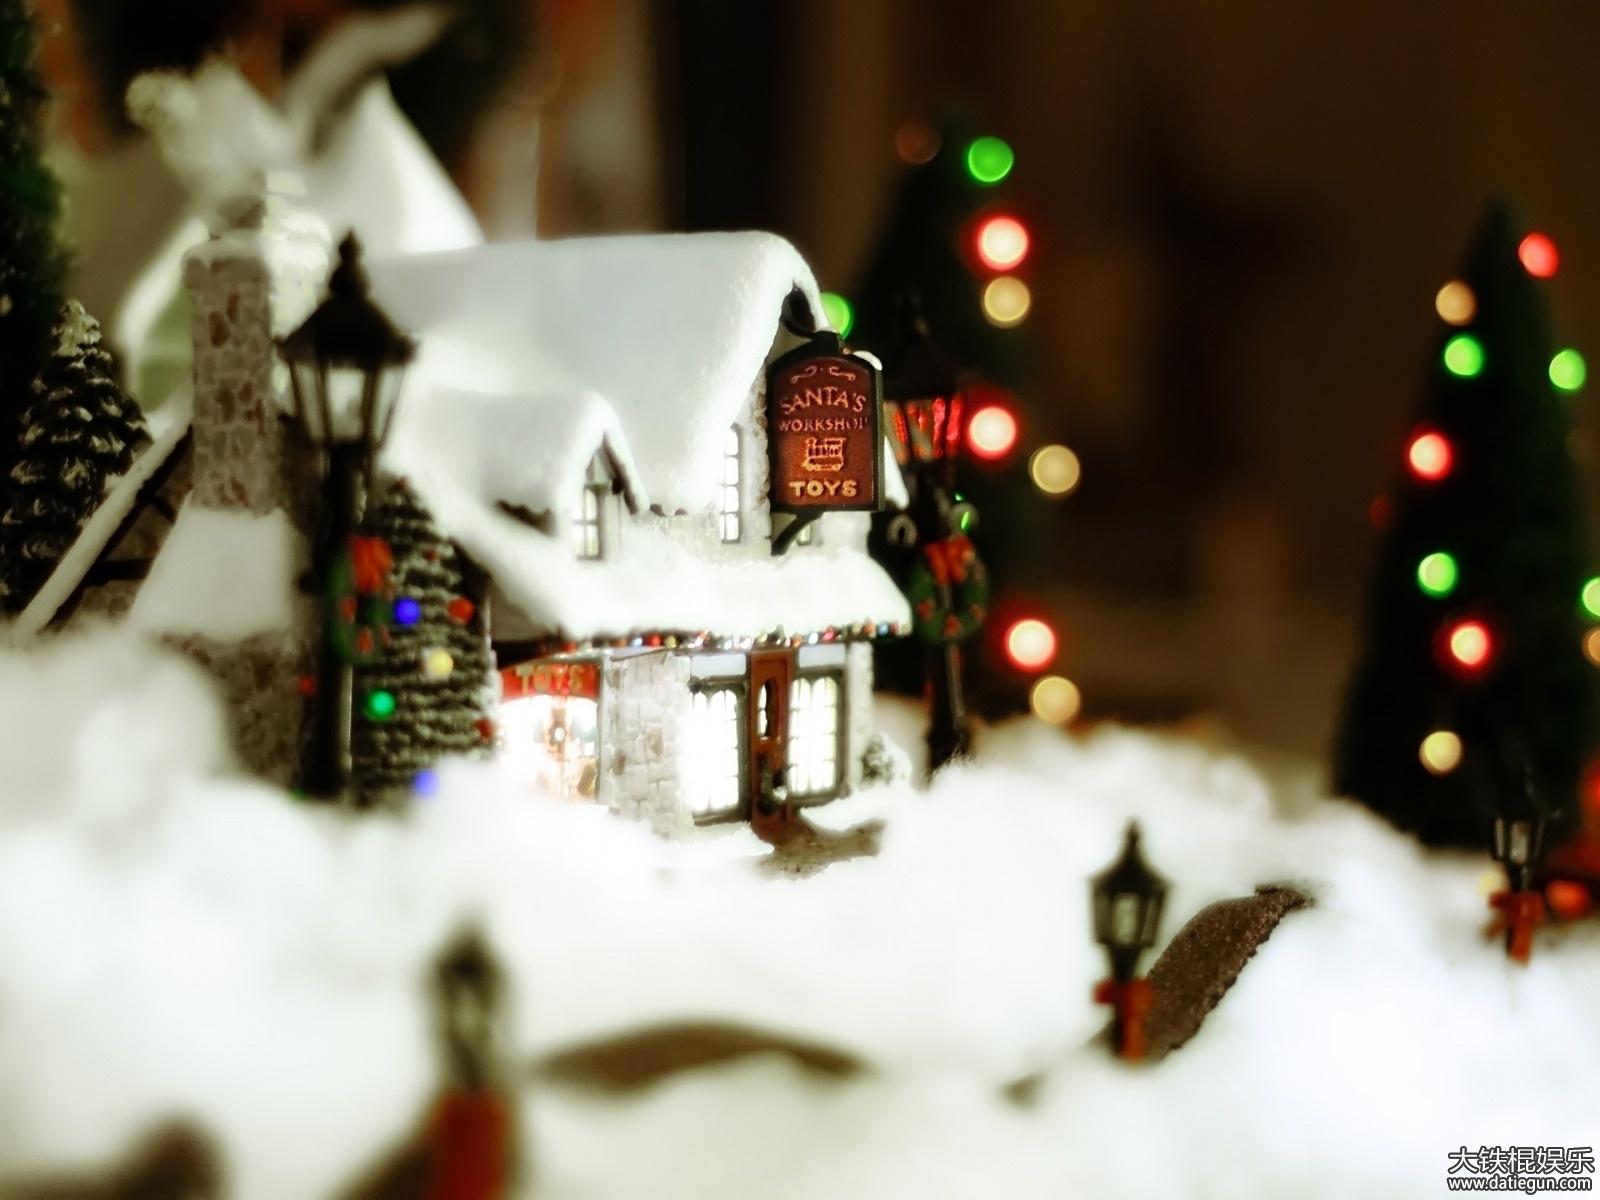 2016年美发店圣诞节促销活动策划方案,圣诞节活动主题